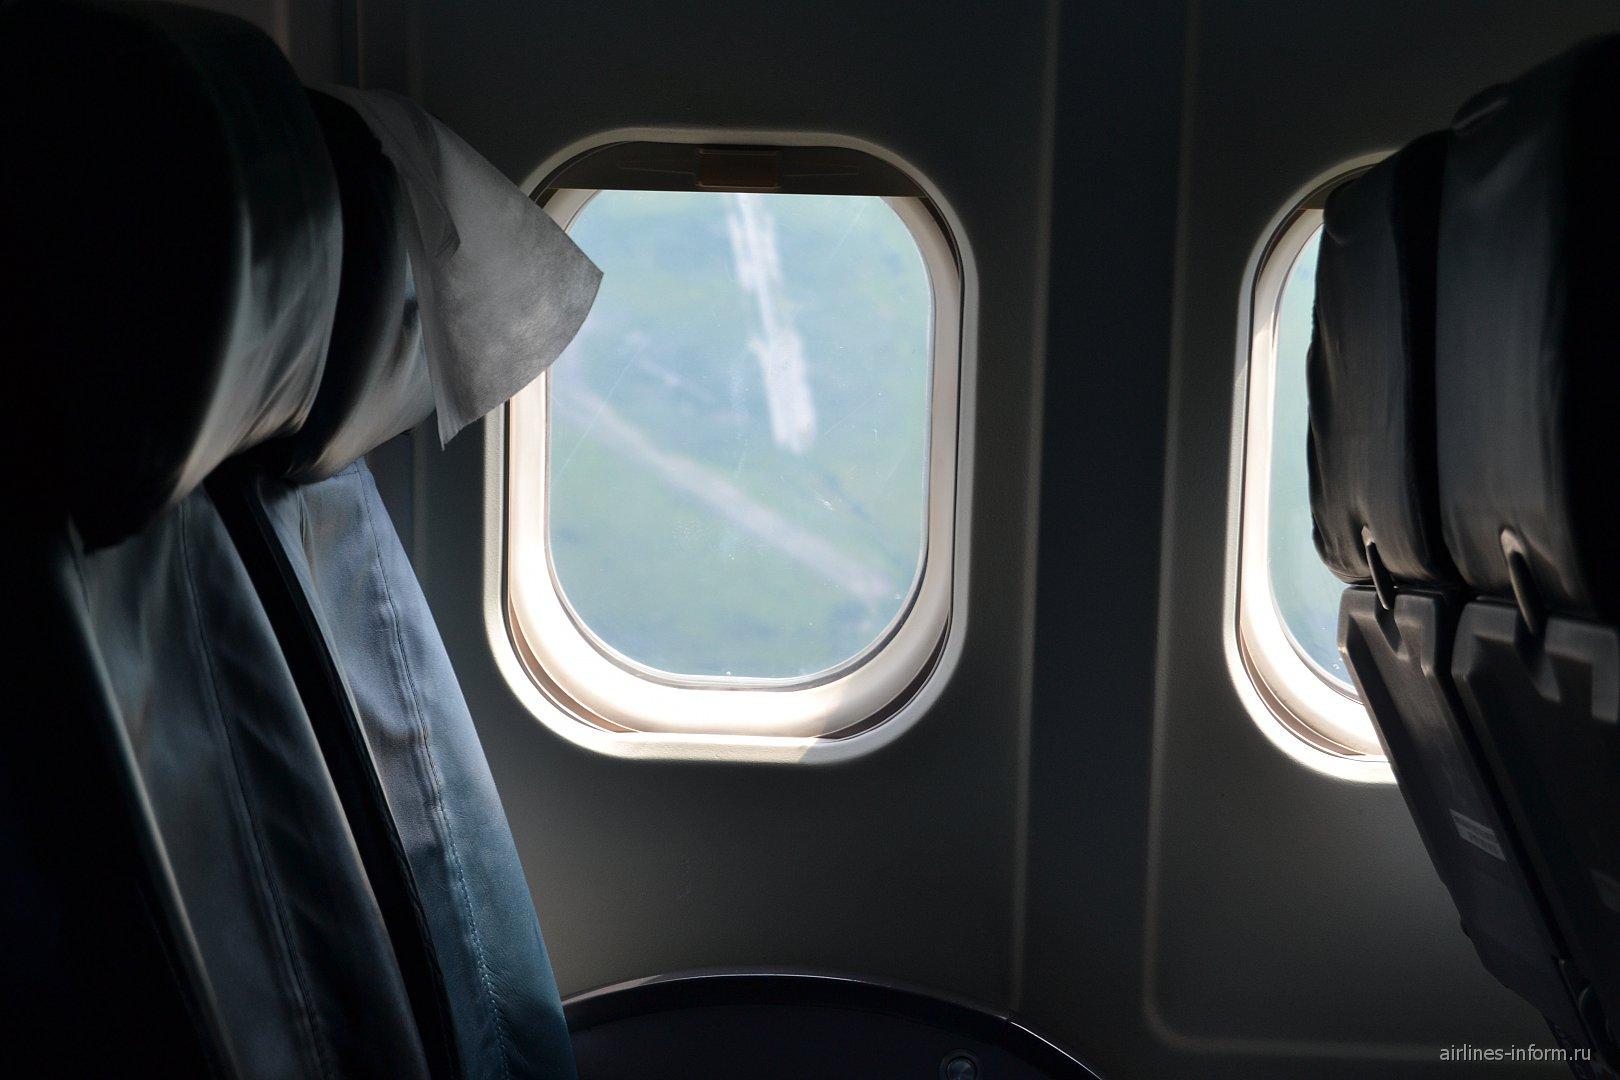 Салон самолета MD-83 MD-83 компании Авиатранс К